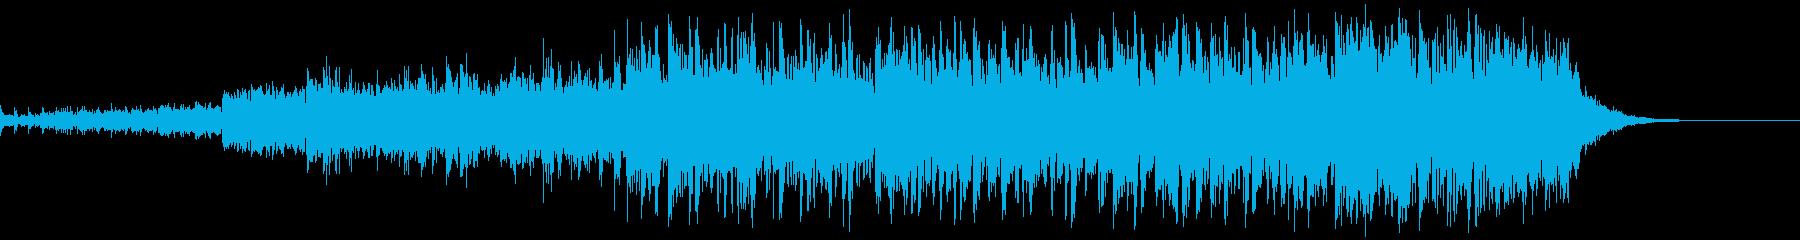 スリックオルタナティブロックテーマの再生済みの波形